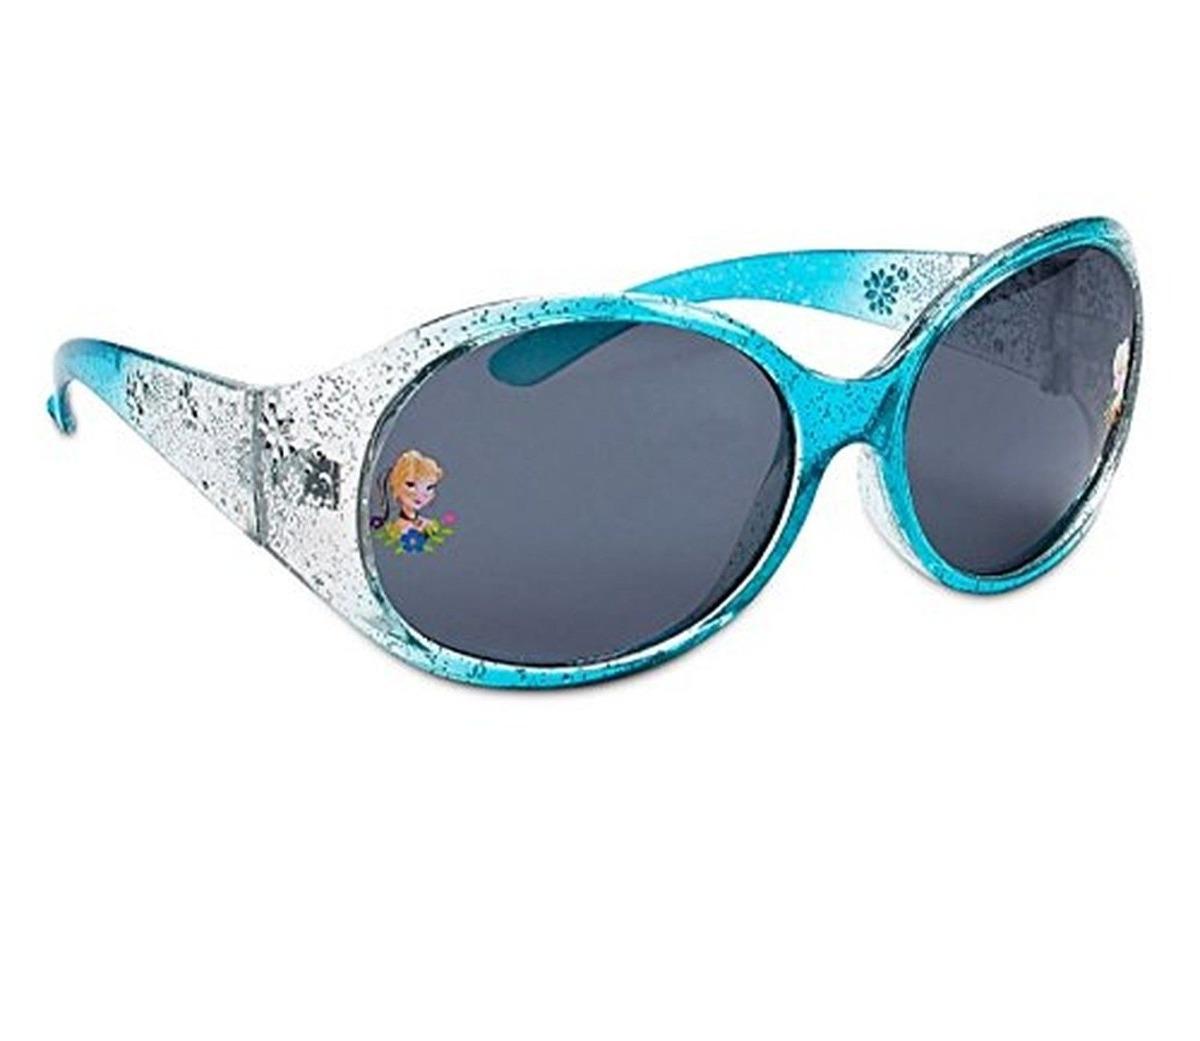 Y Originales Gafas Infantiles Anna Elsa De Sol Frozen Disney kiuPTwOXZ